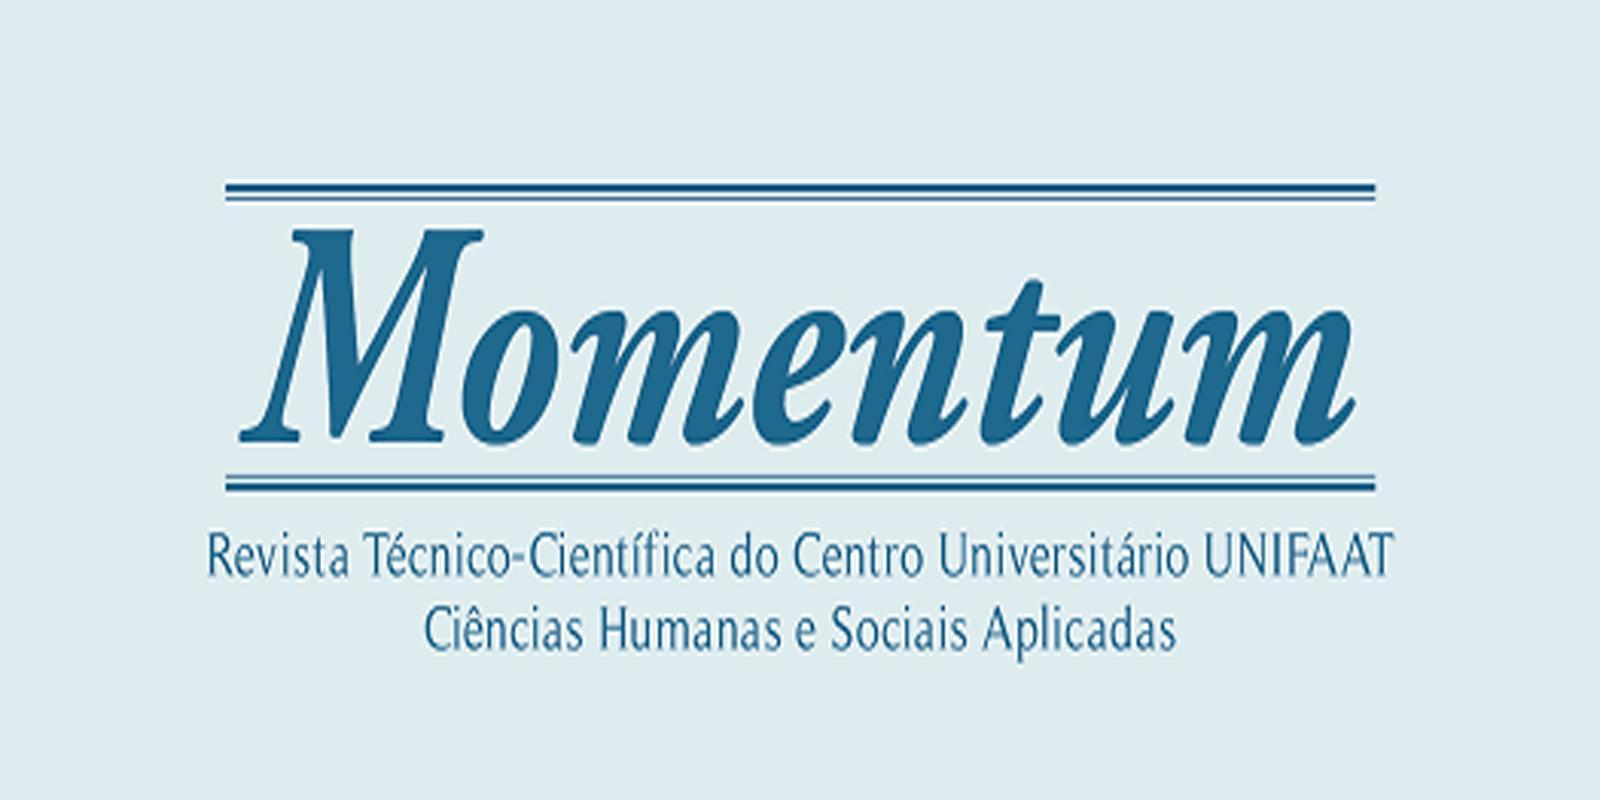 Revista Momentum destaca a pesquisa acadêmica em diversas áreas do conhecimento